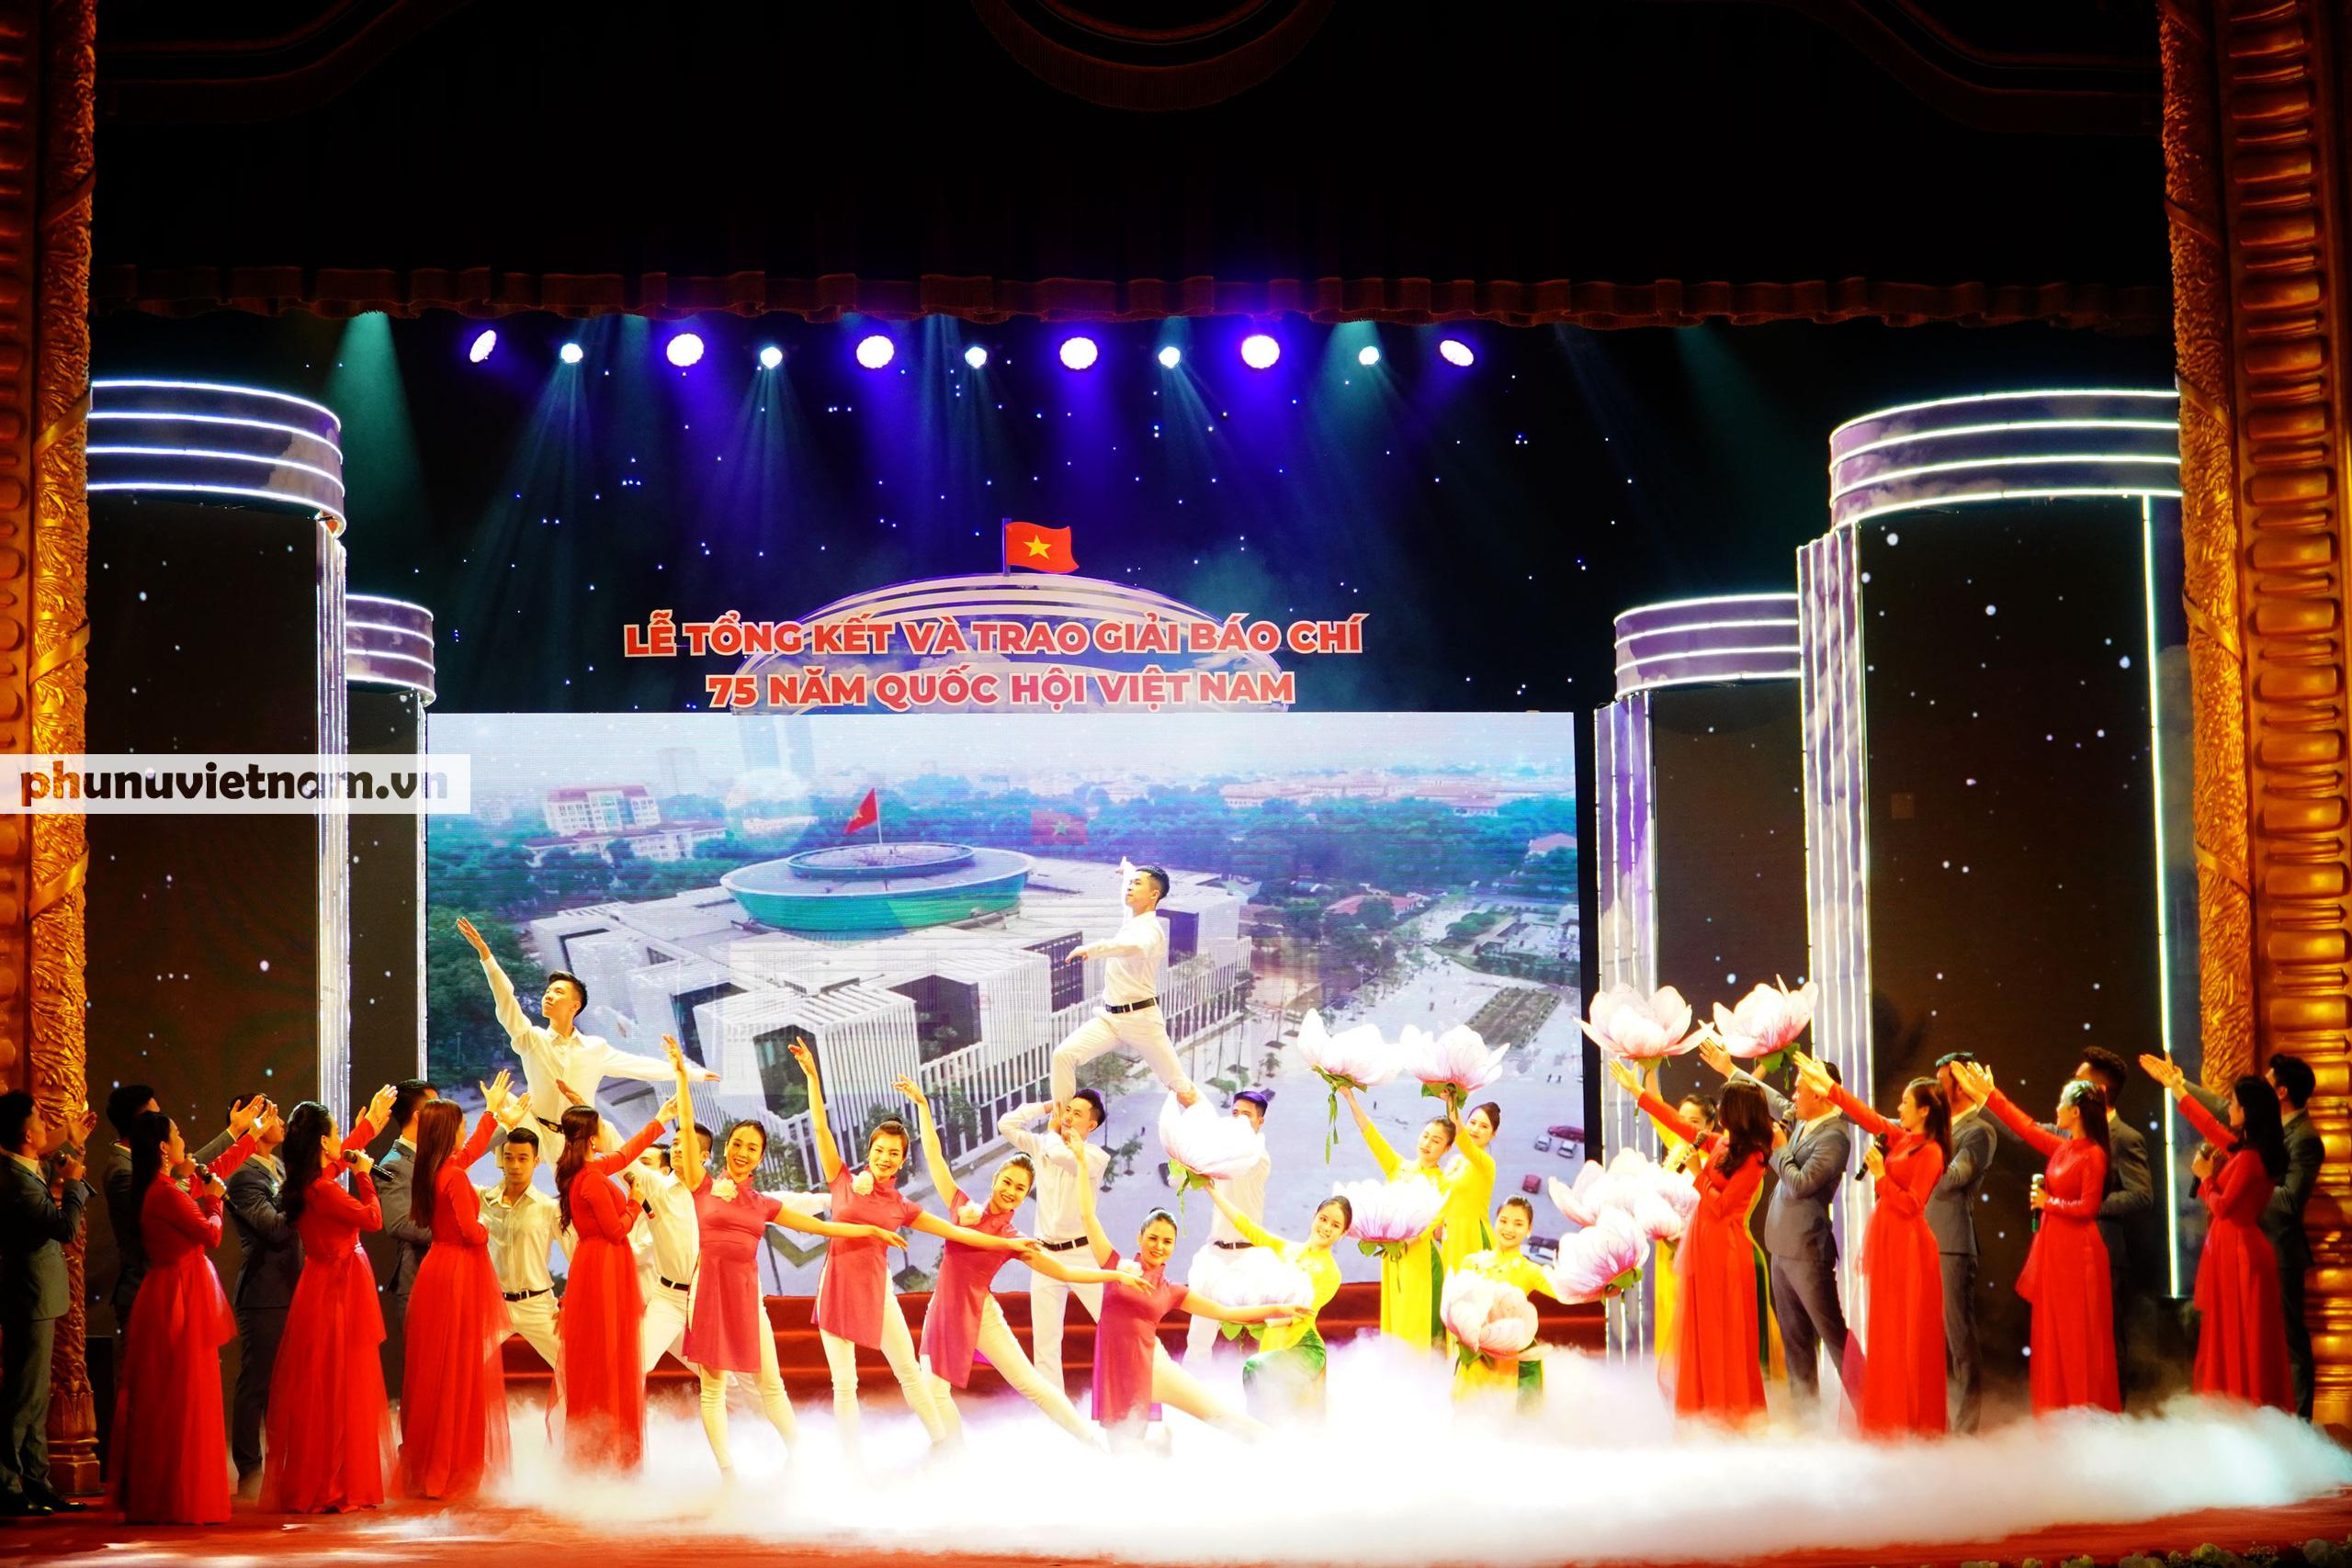 """Báo Phụ nữ Việt Nam đạt Giải C Giải Báo chí """"75 năm Quốc hội Việt Nam"""" - Ảnh 6."""